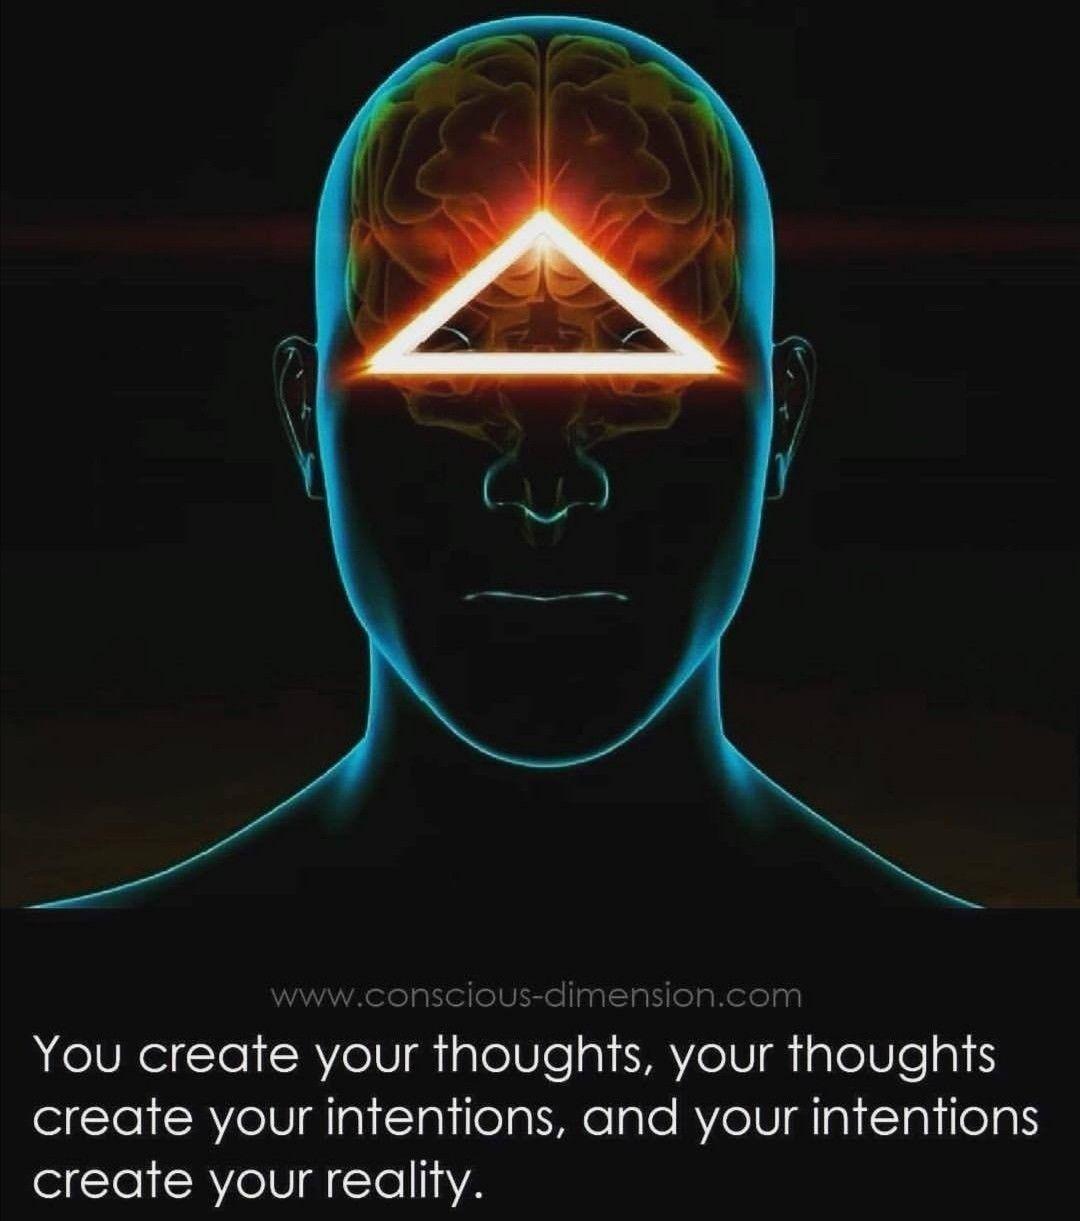 How to Achieve Higher Consciousness